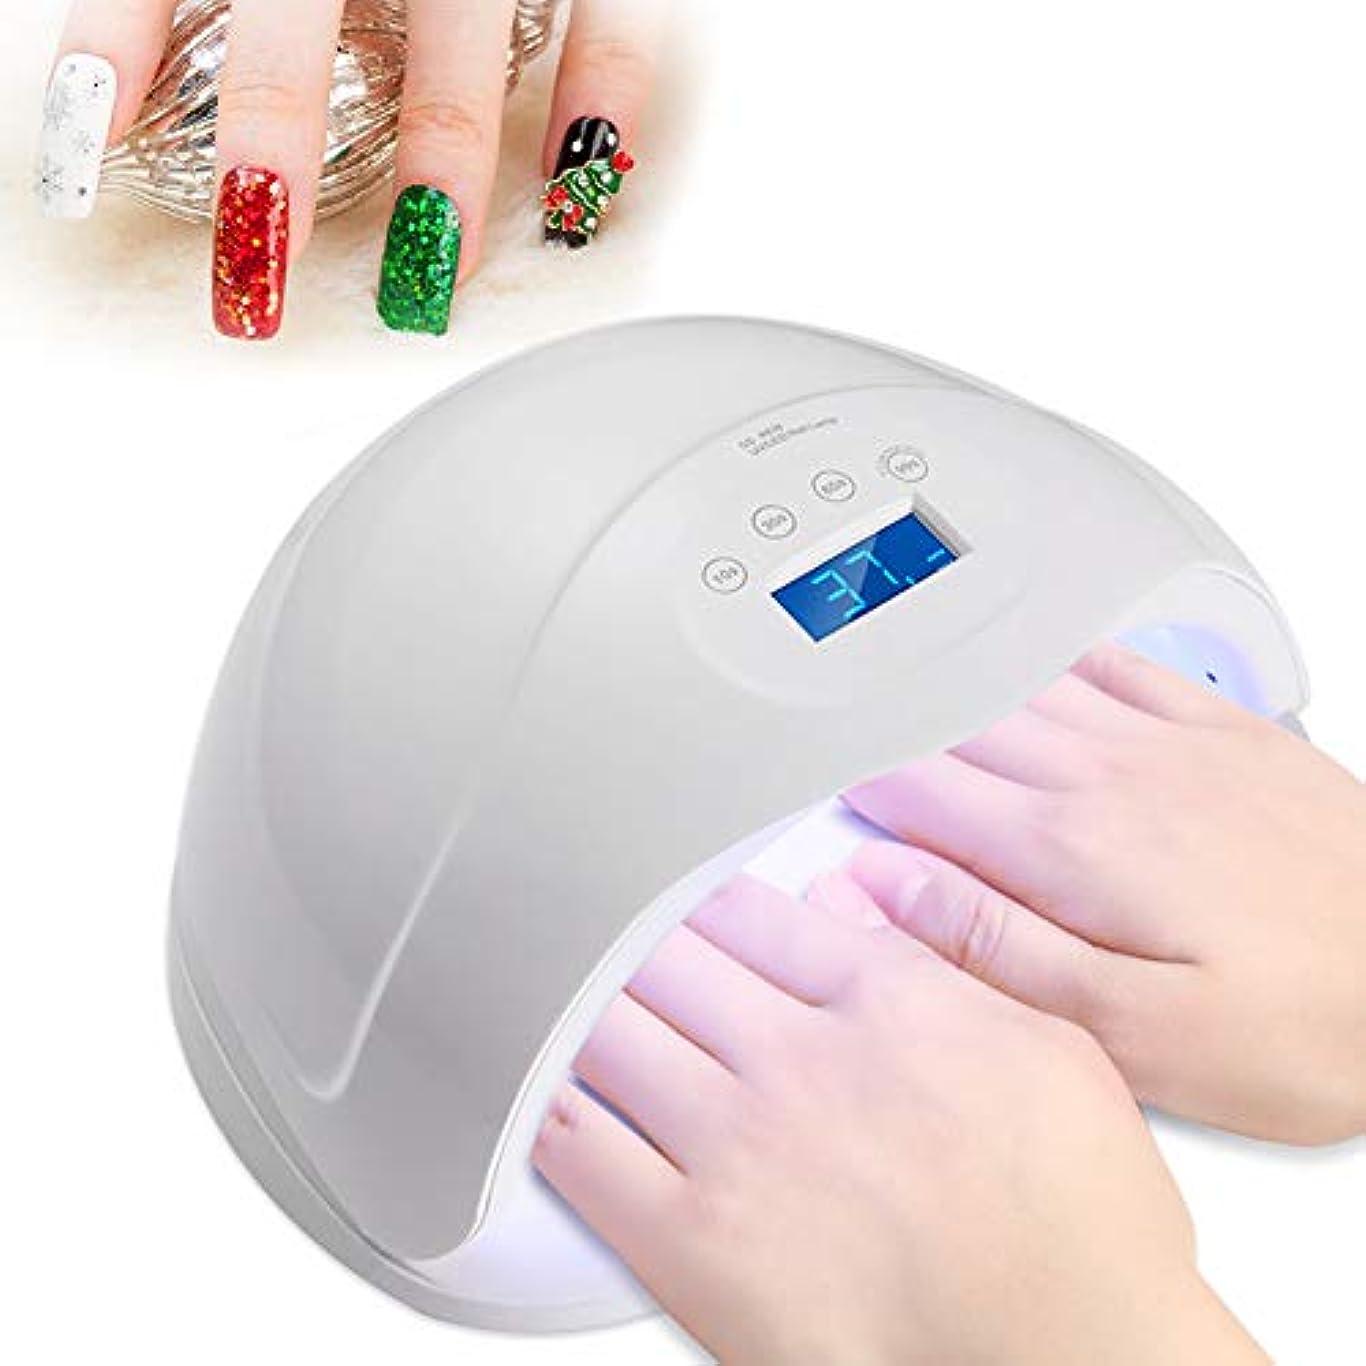 インディカ村朝ネイルジェル用48W LED UVランプ、ネイルポリッシュジェルネイルポリッシュドライヤー光硬化ランプ、インテリジェント自動センサー、サロン品質プロフェッショナルジェルランプ